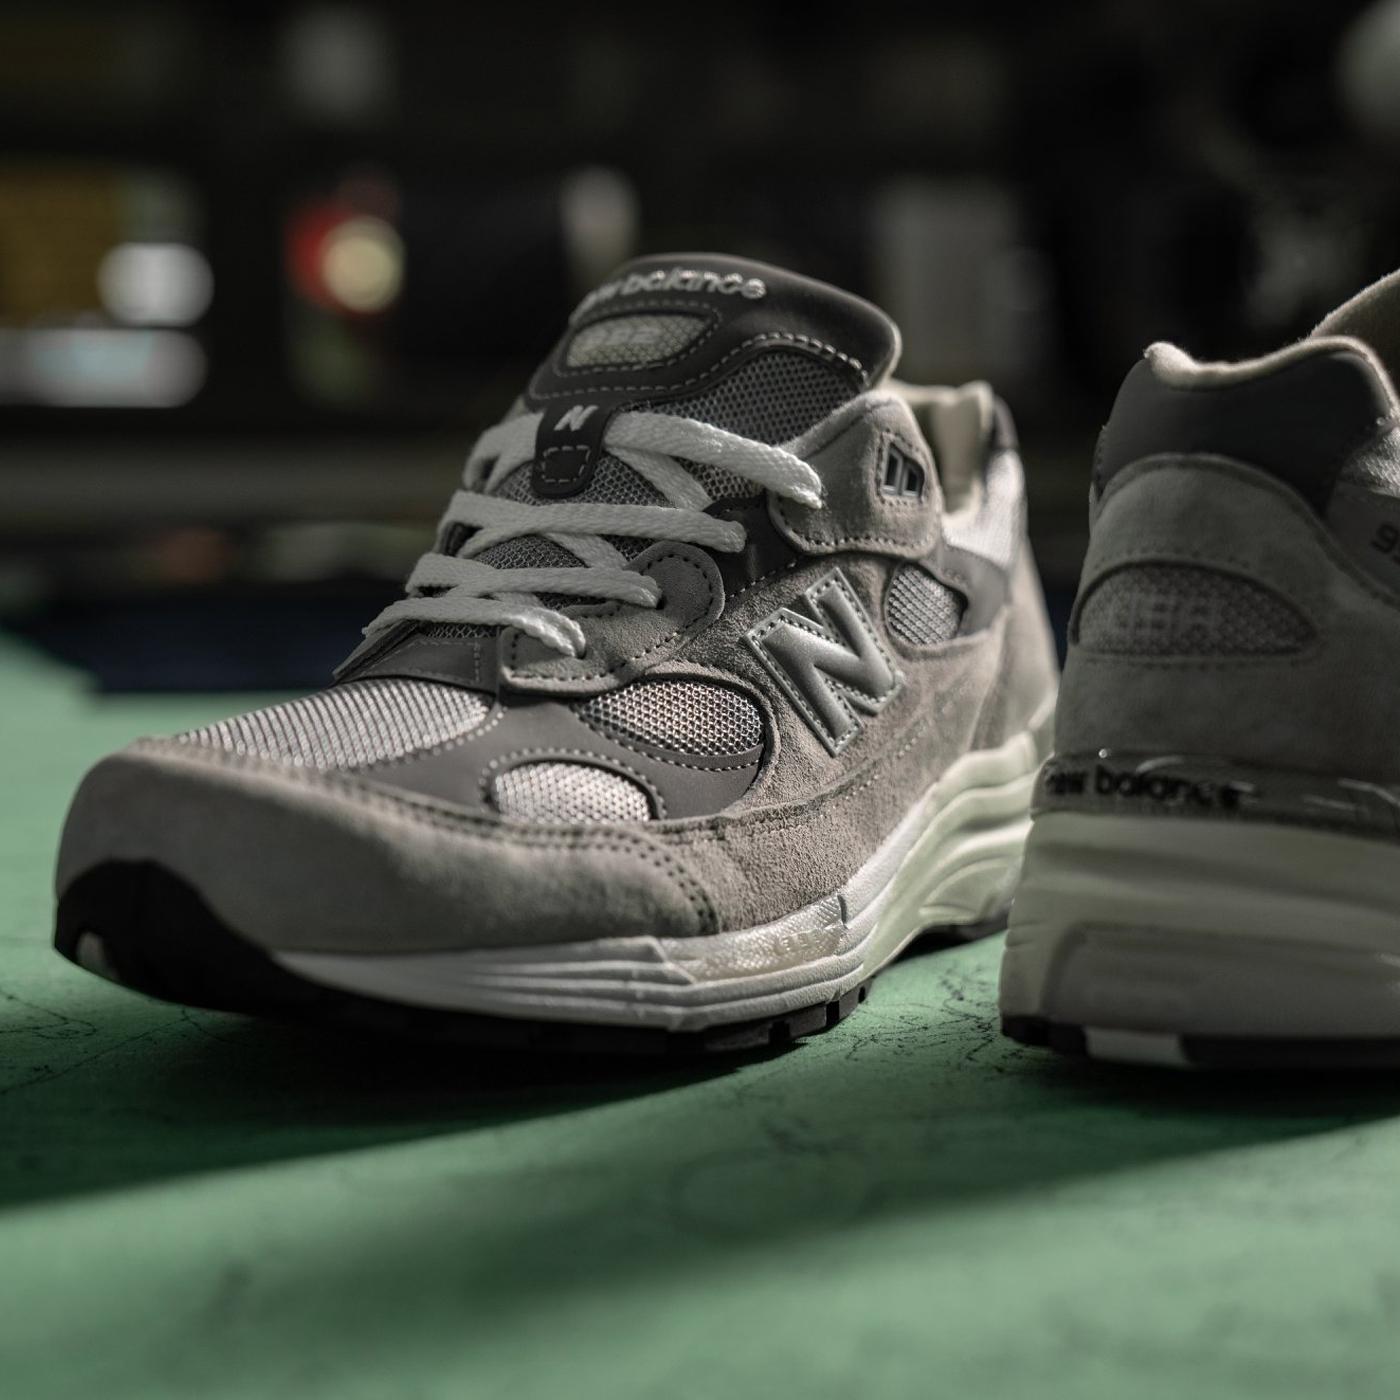 籃球鞋,球鞋趨勢,2020球鞋,2020鞋款,鞋款,球鞋,Adidas Ultra 4D,Travis Scott x Nike Air Max 270 React,AURALEE New Balance COMP 100,New Balance M992,Reebok Club C